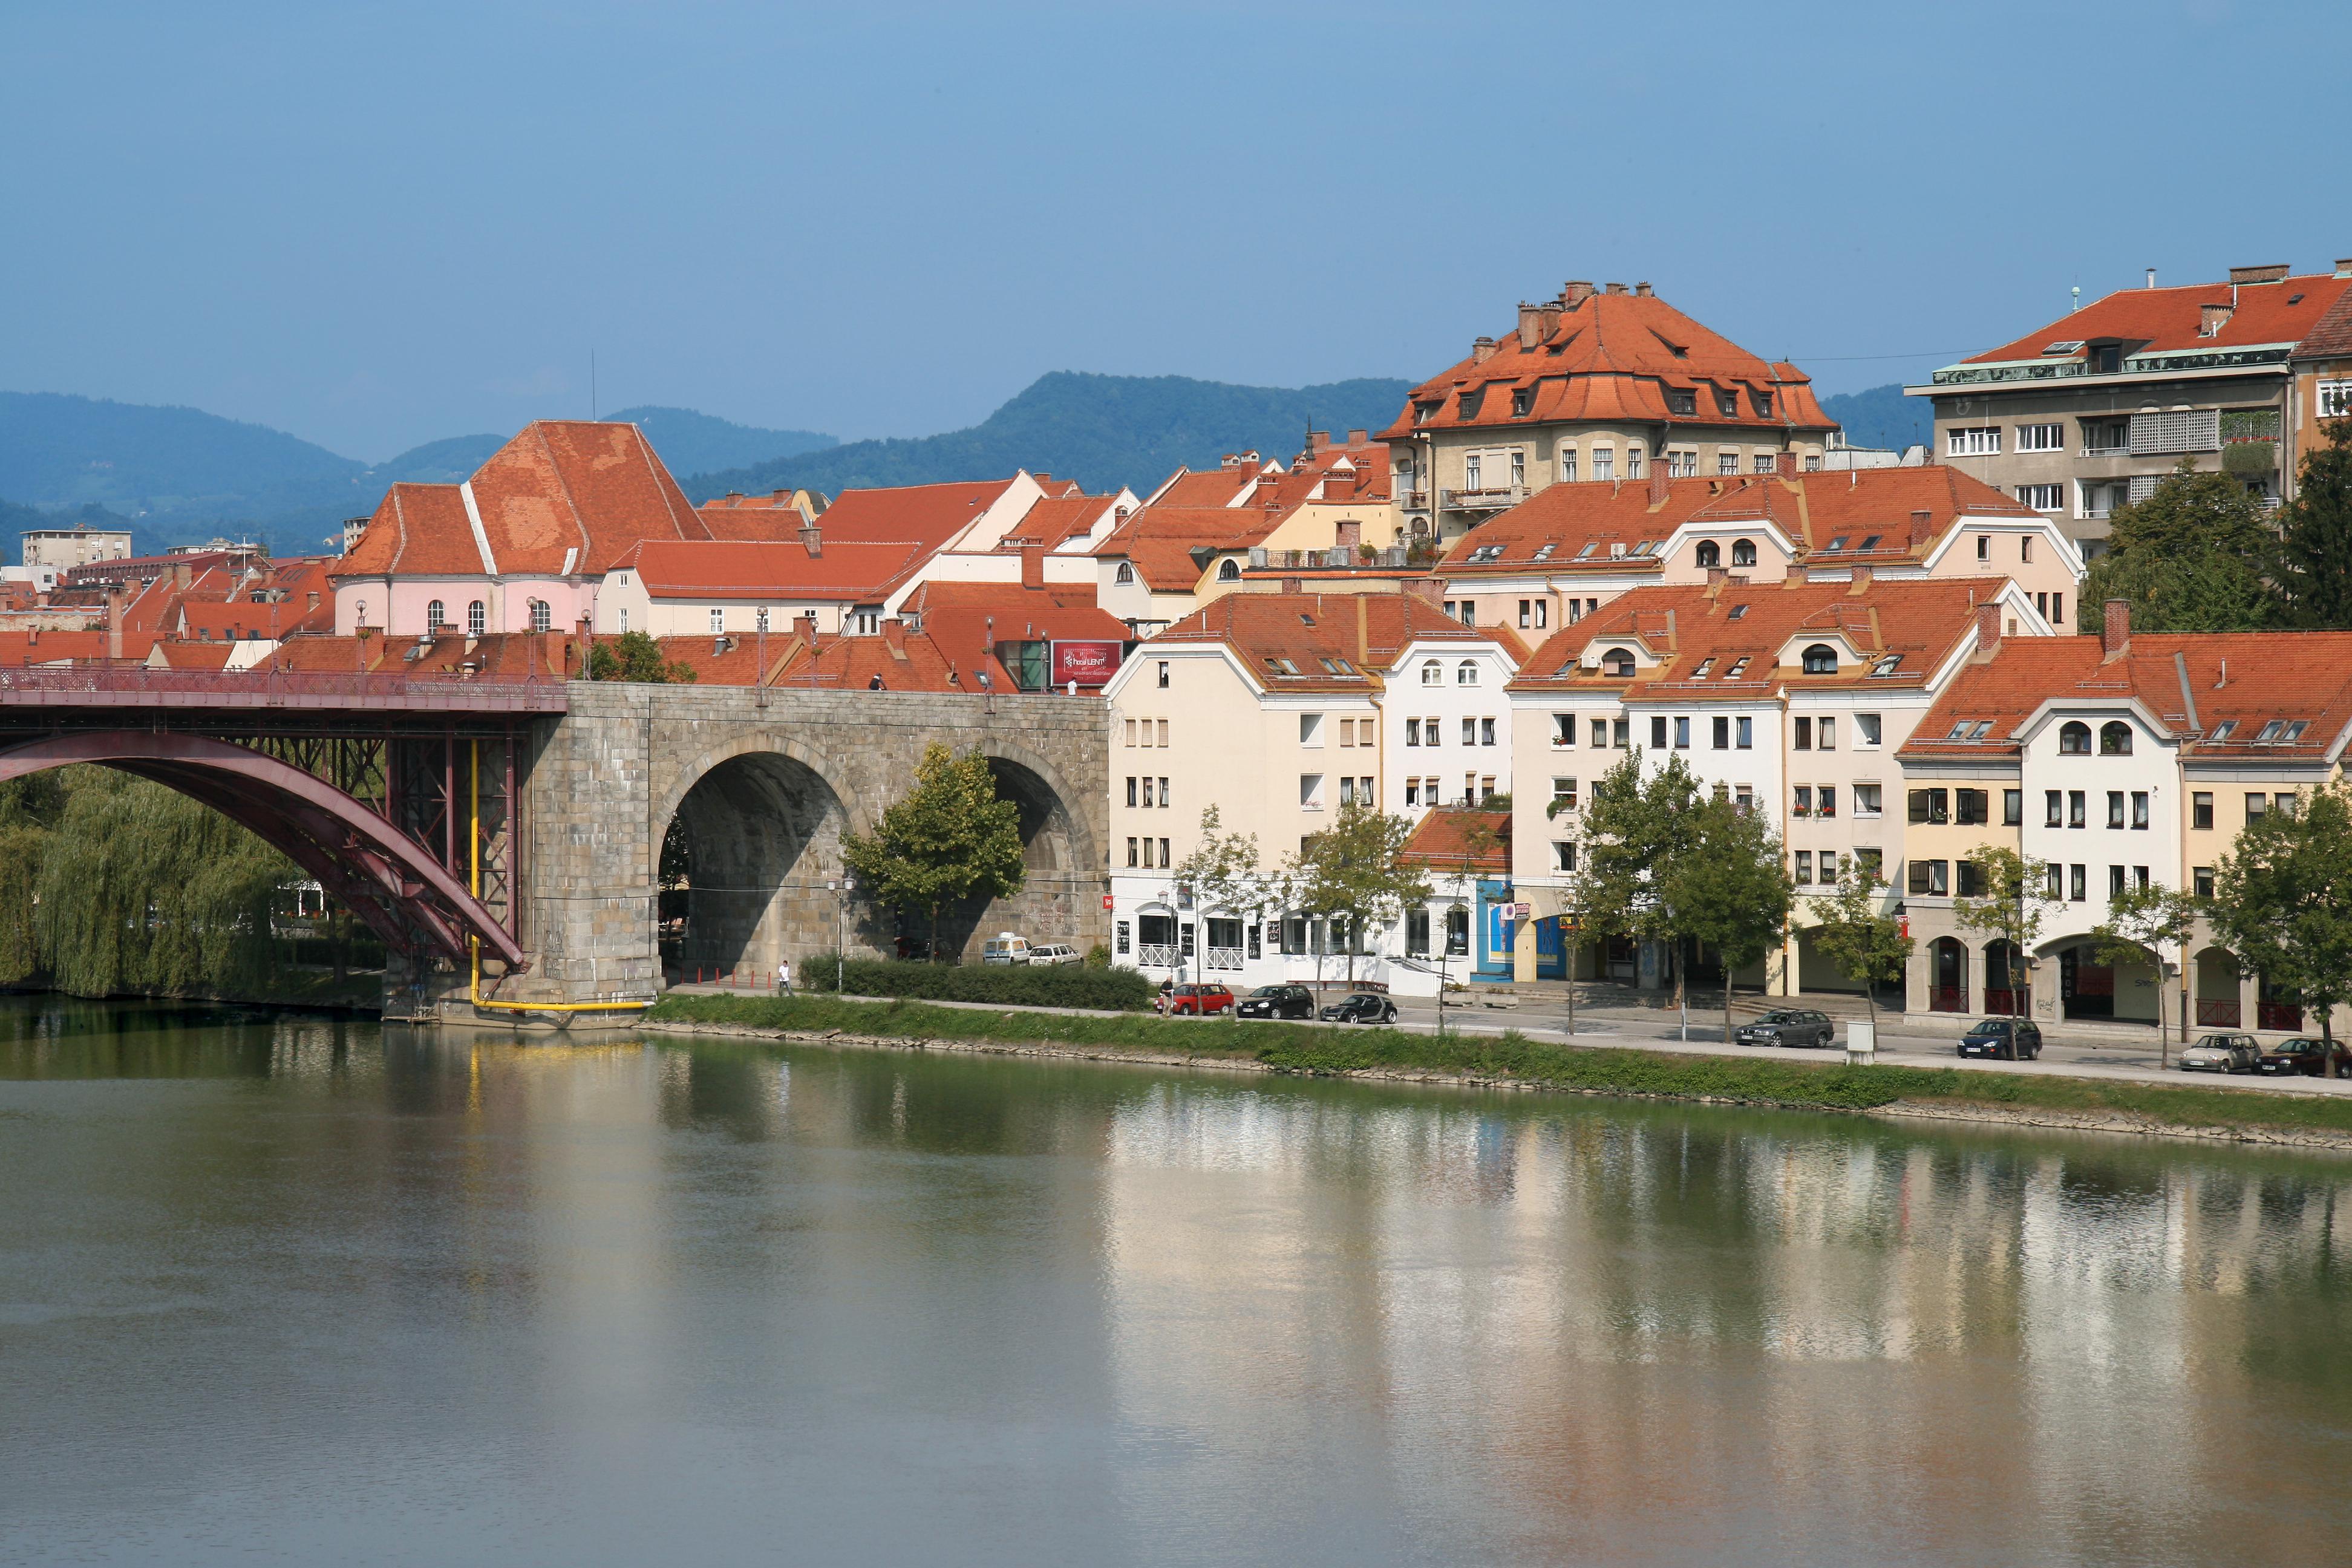 F000922-lent1_slovenia_slovenija_maribor_pohorje_navdih_net_2765_orig_jpg-photo-l